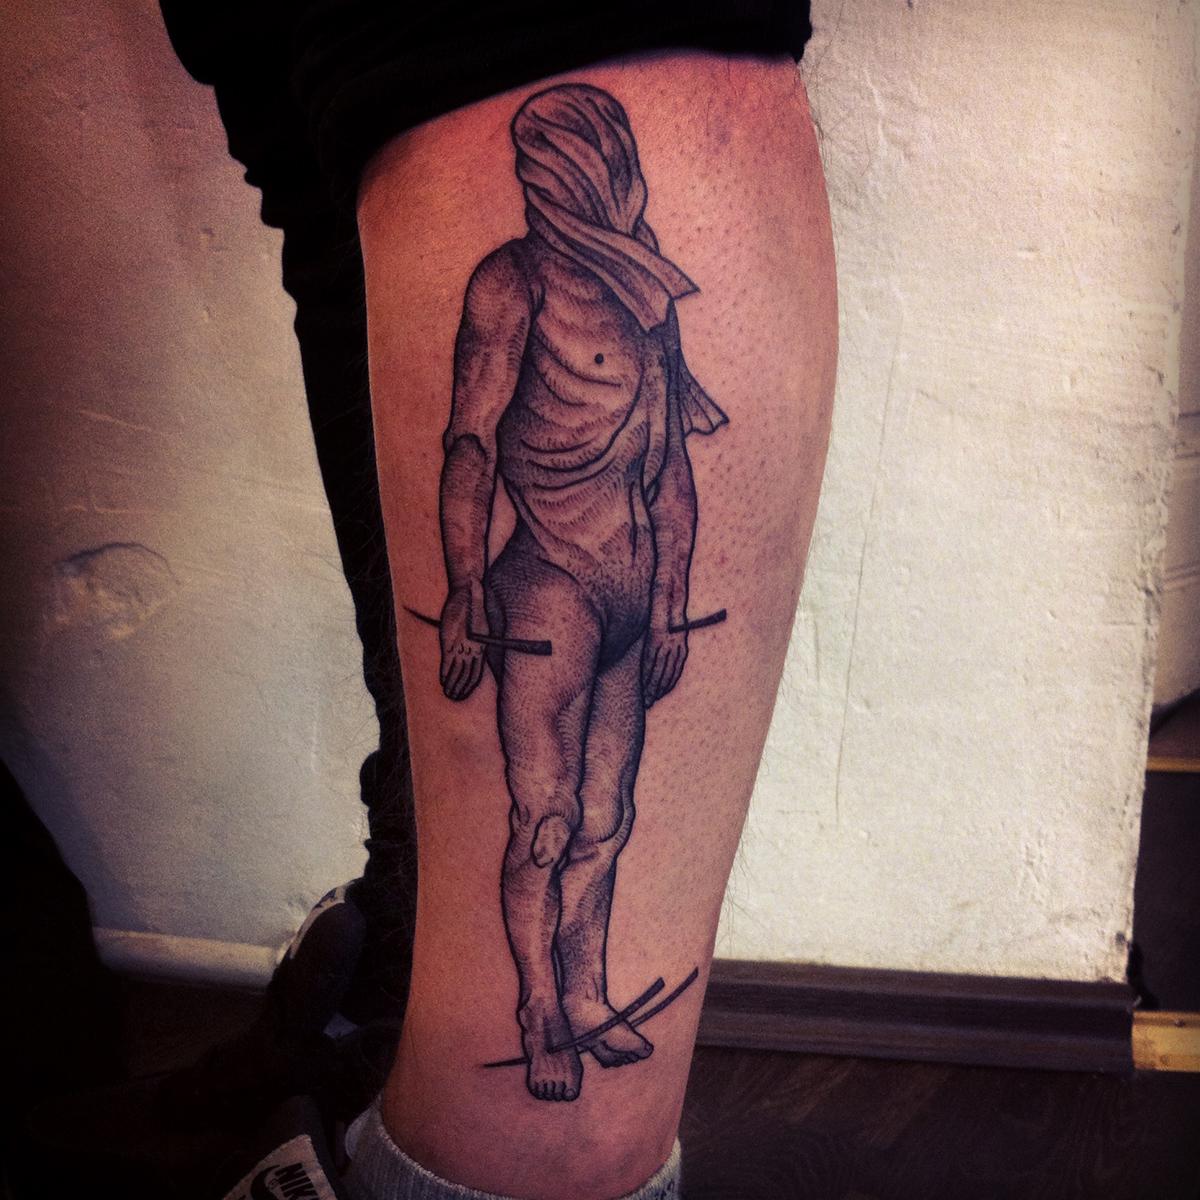 james-kalinda-new-pieces-and-tattoo-05